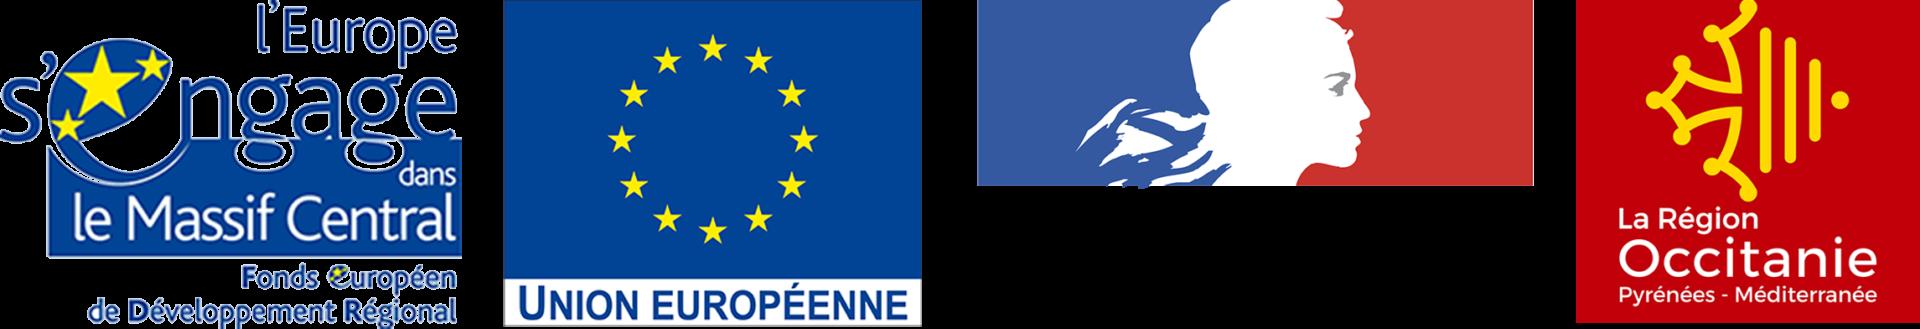 Logos des financeurs du projet lutte contre la pullulation des campagnols terrestres en aubrac